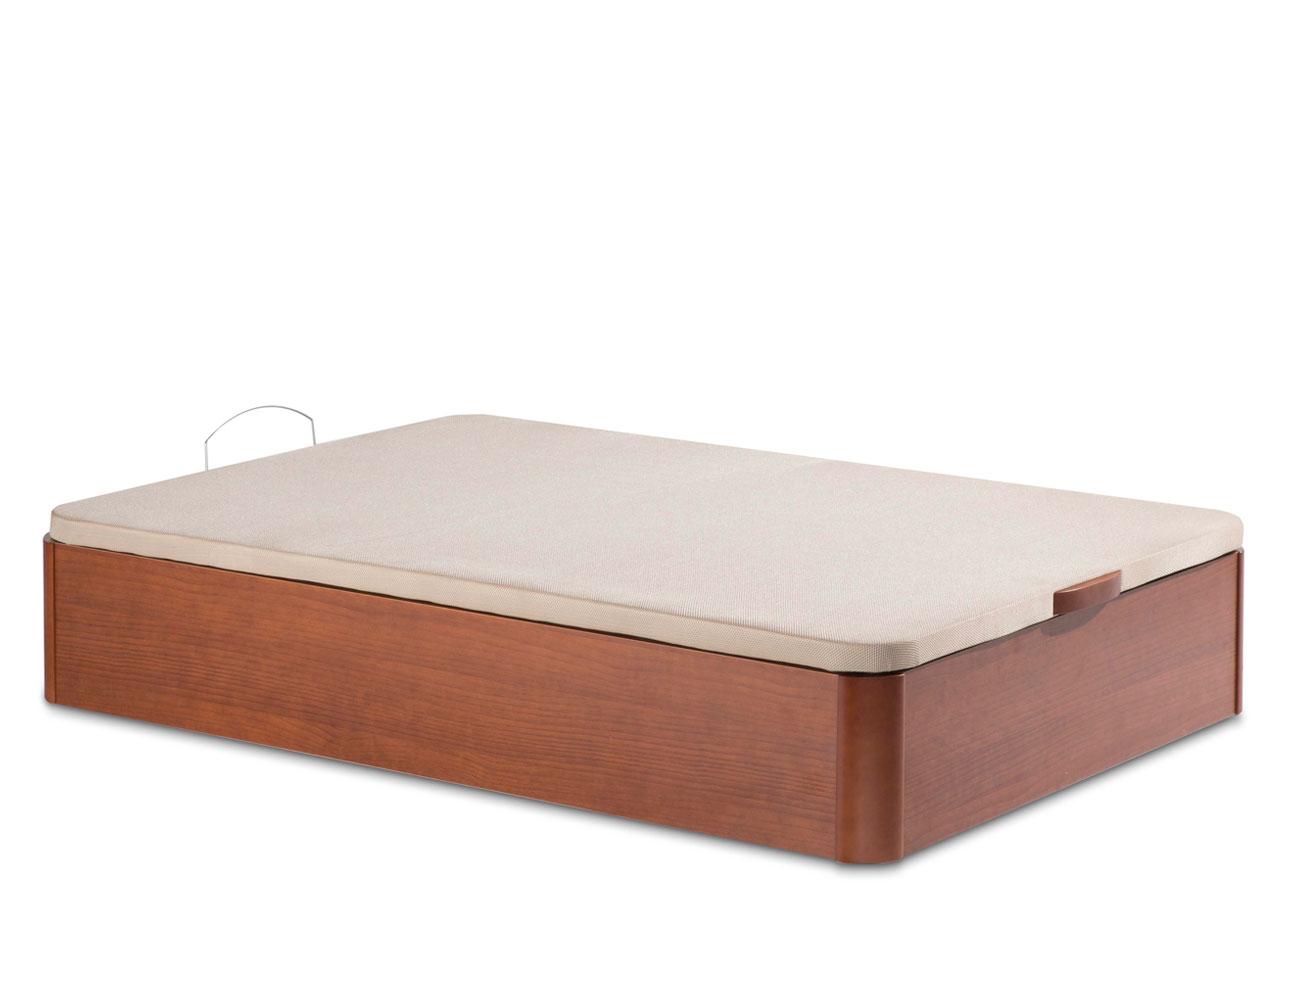 Canape madera base 3d 734